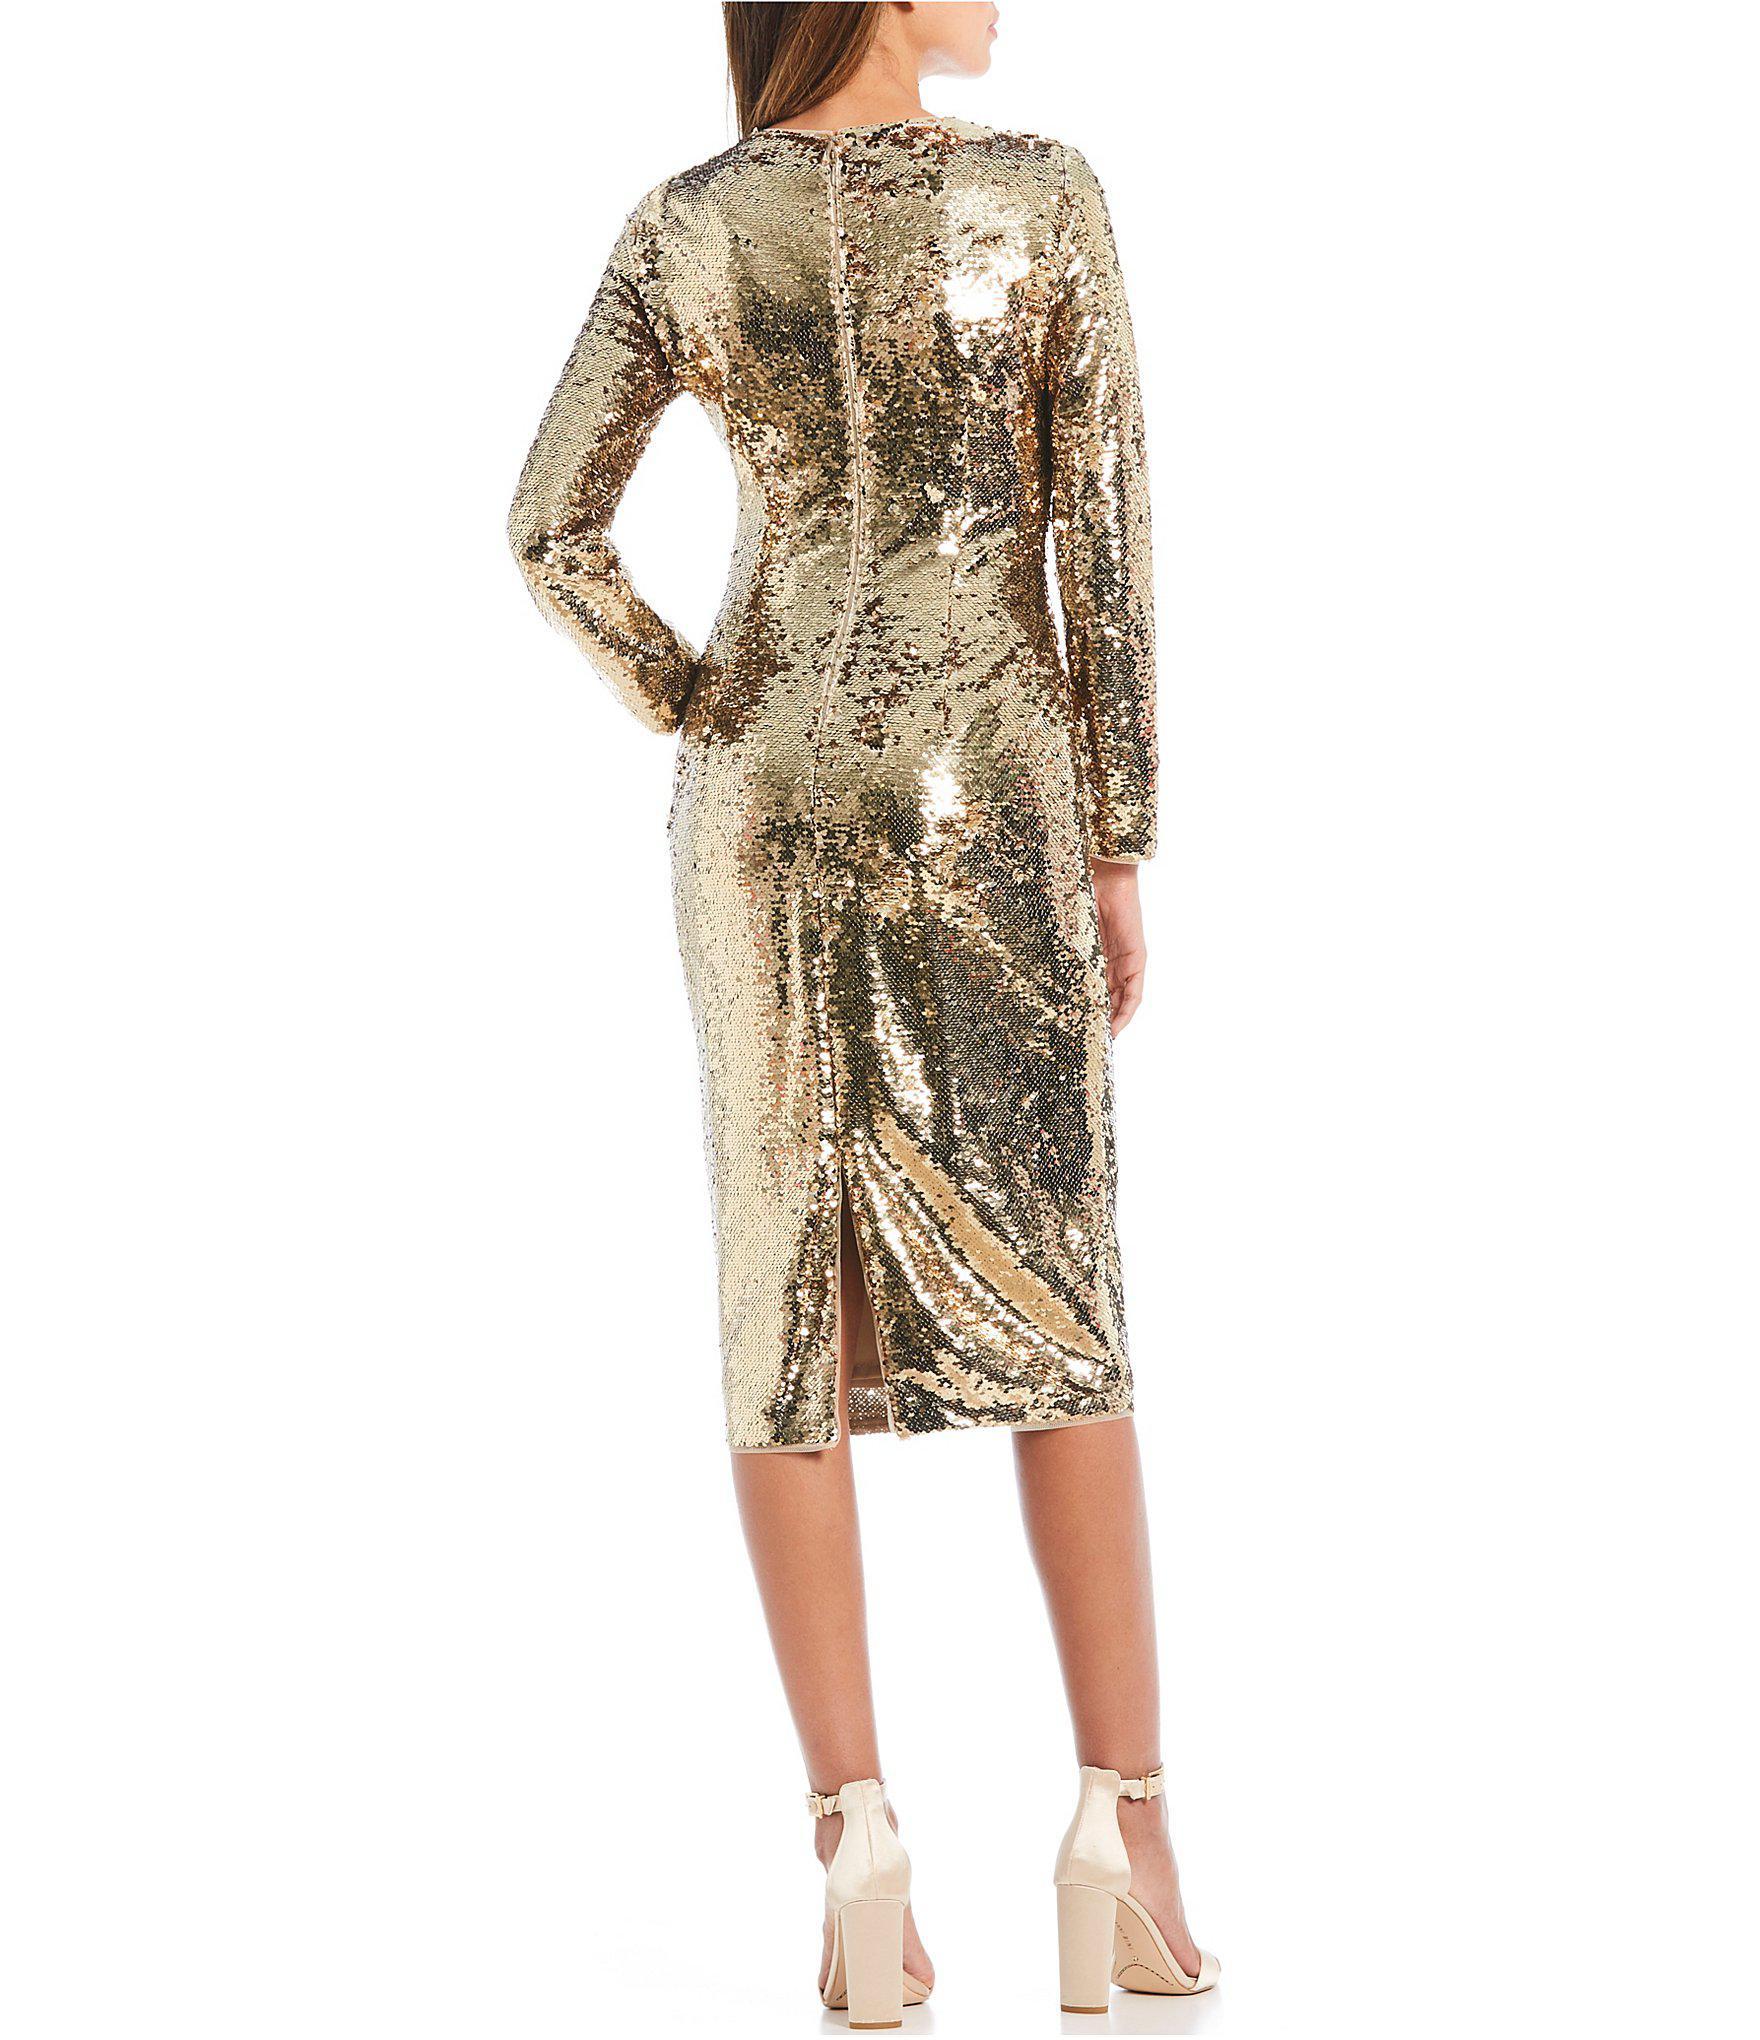 481cd86ce0 Gianni Bini Zoe Metallic Sequin Midi Dress in Metallic - Lyst